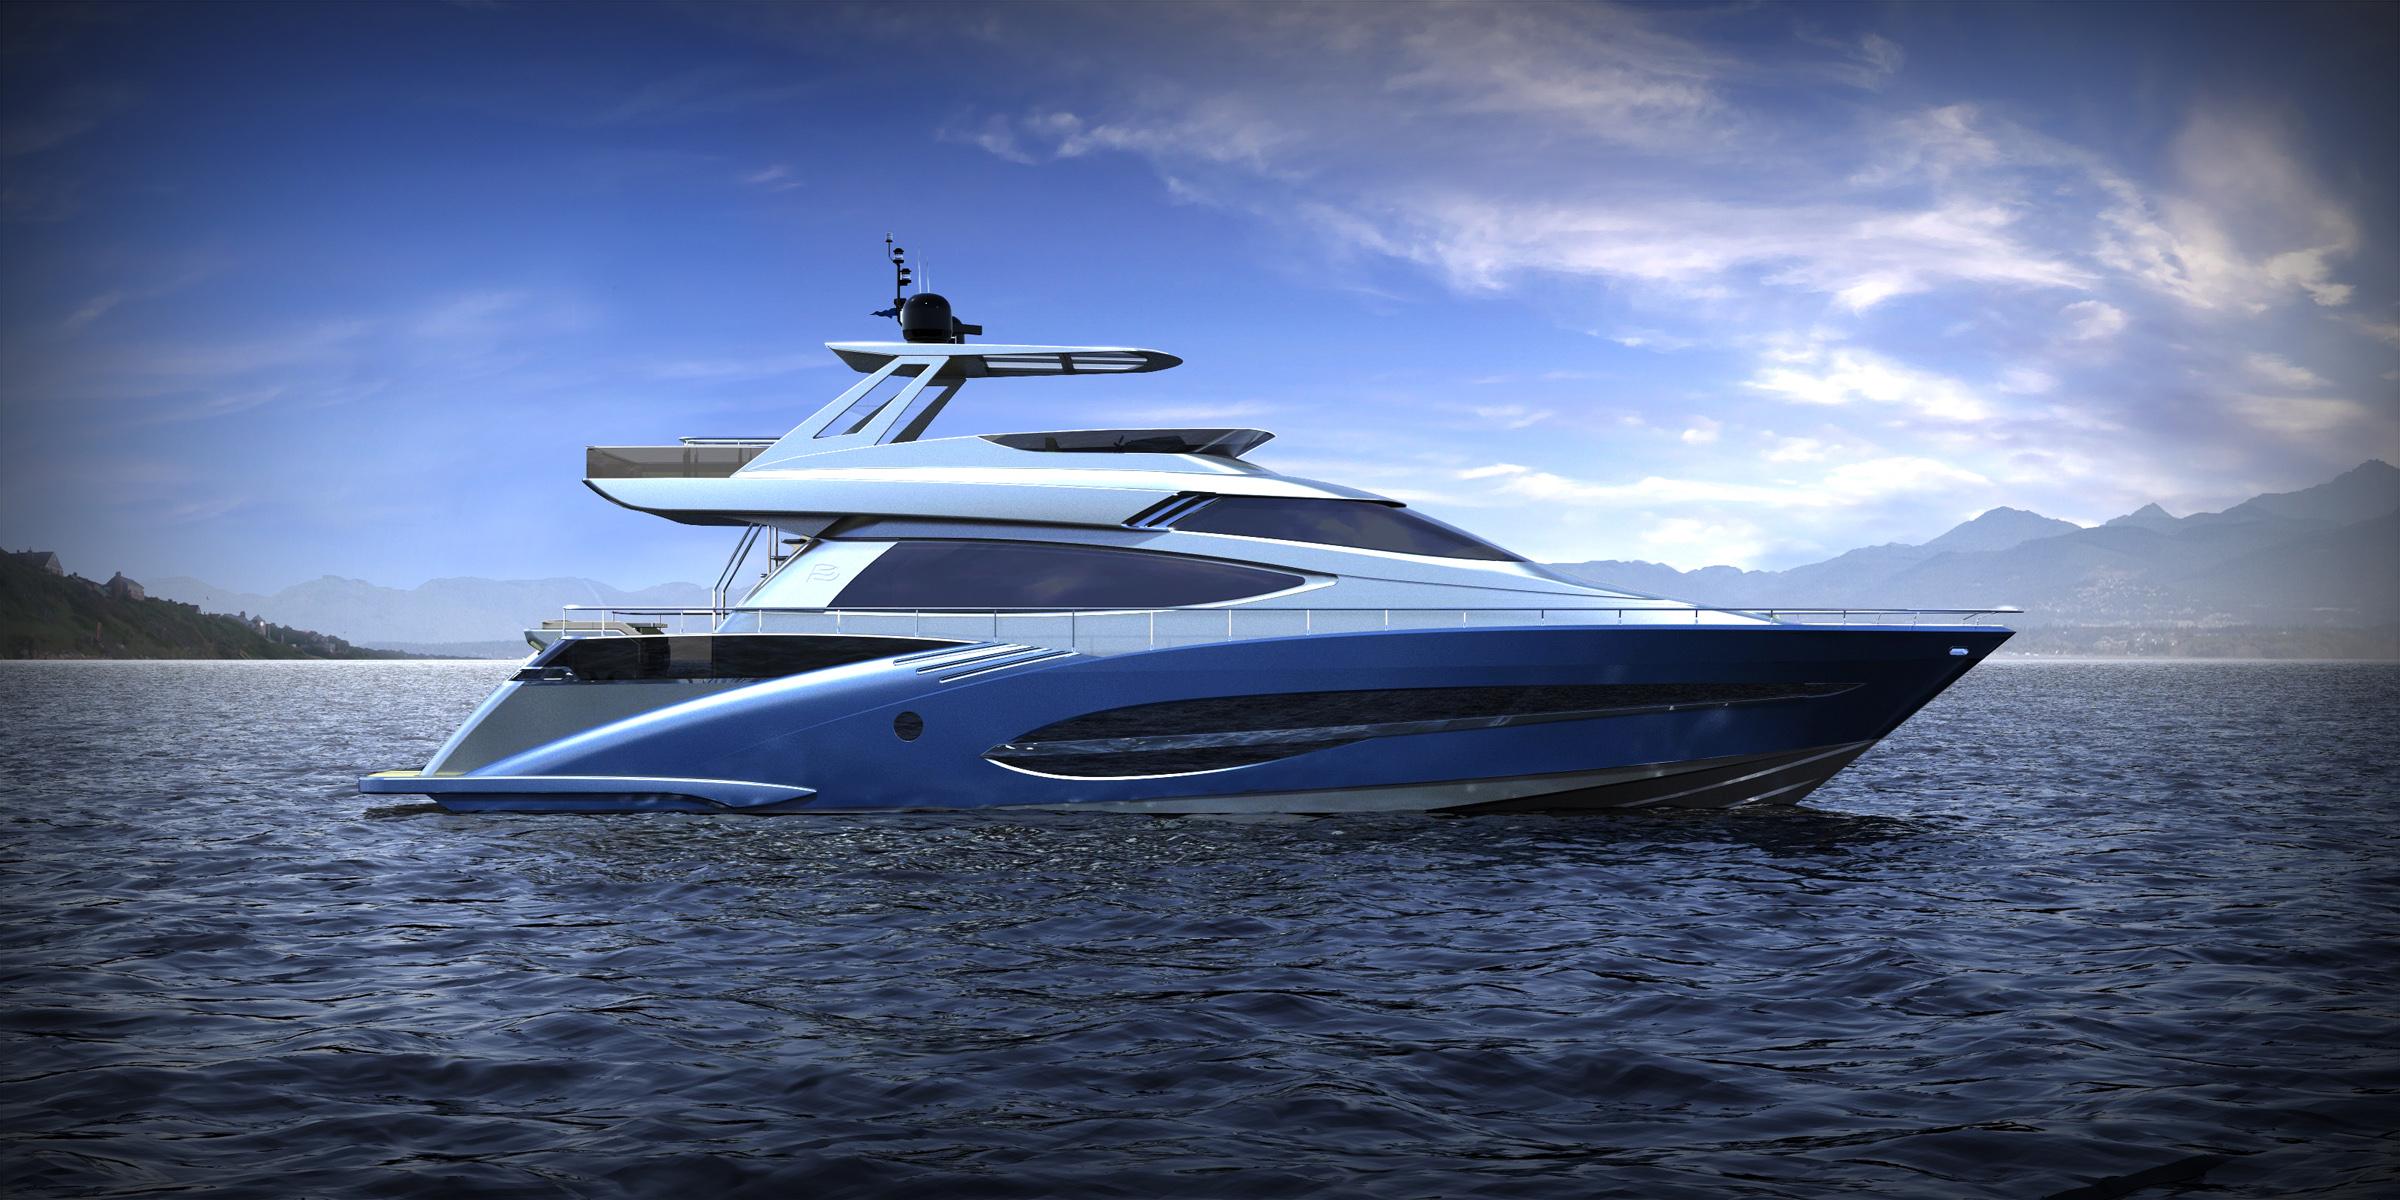 Joachim Kinder 73' Yacht